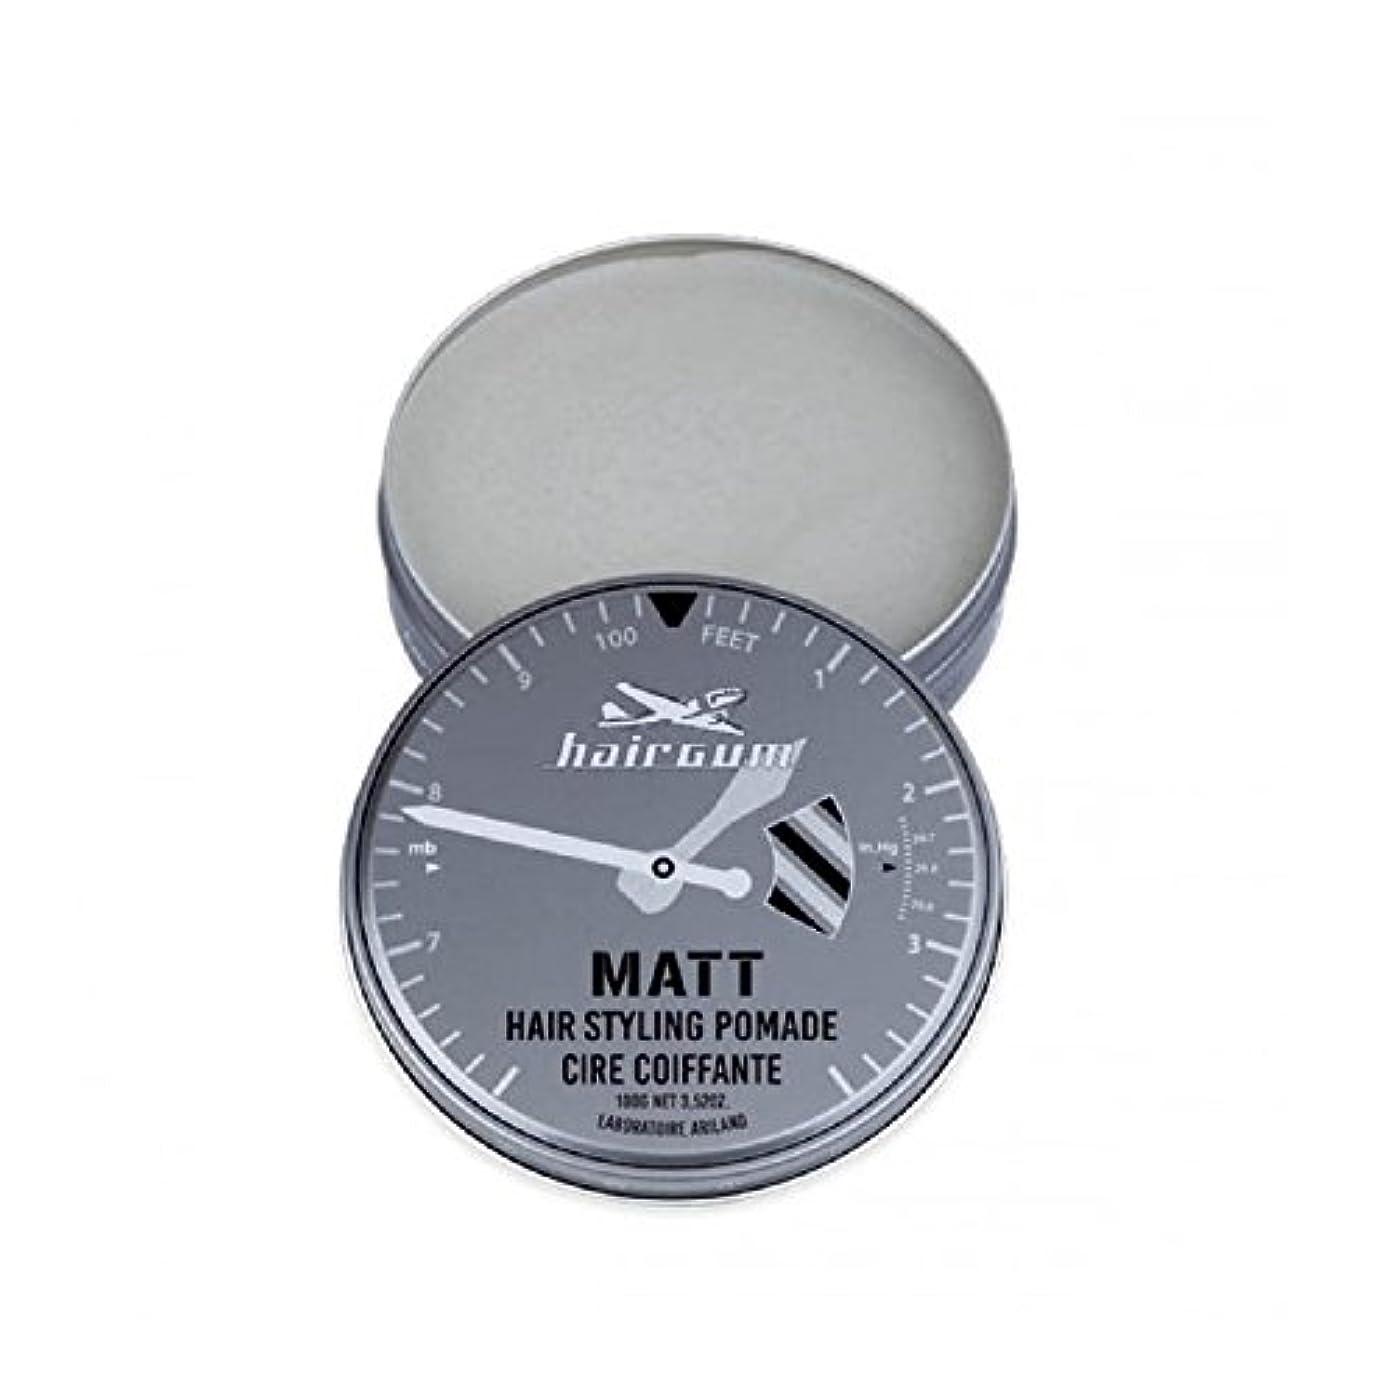 コンドームジュースチームhairgum(ヘアガム) Matt Pomade 100g ヘアガム マット 油性 ポマード グリース